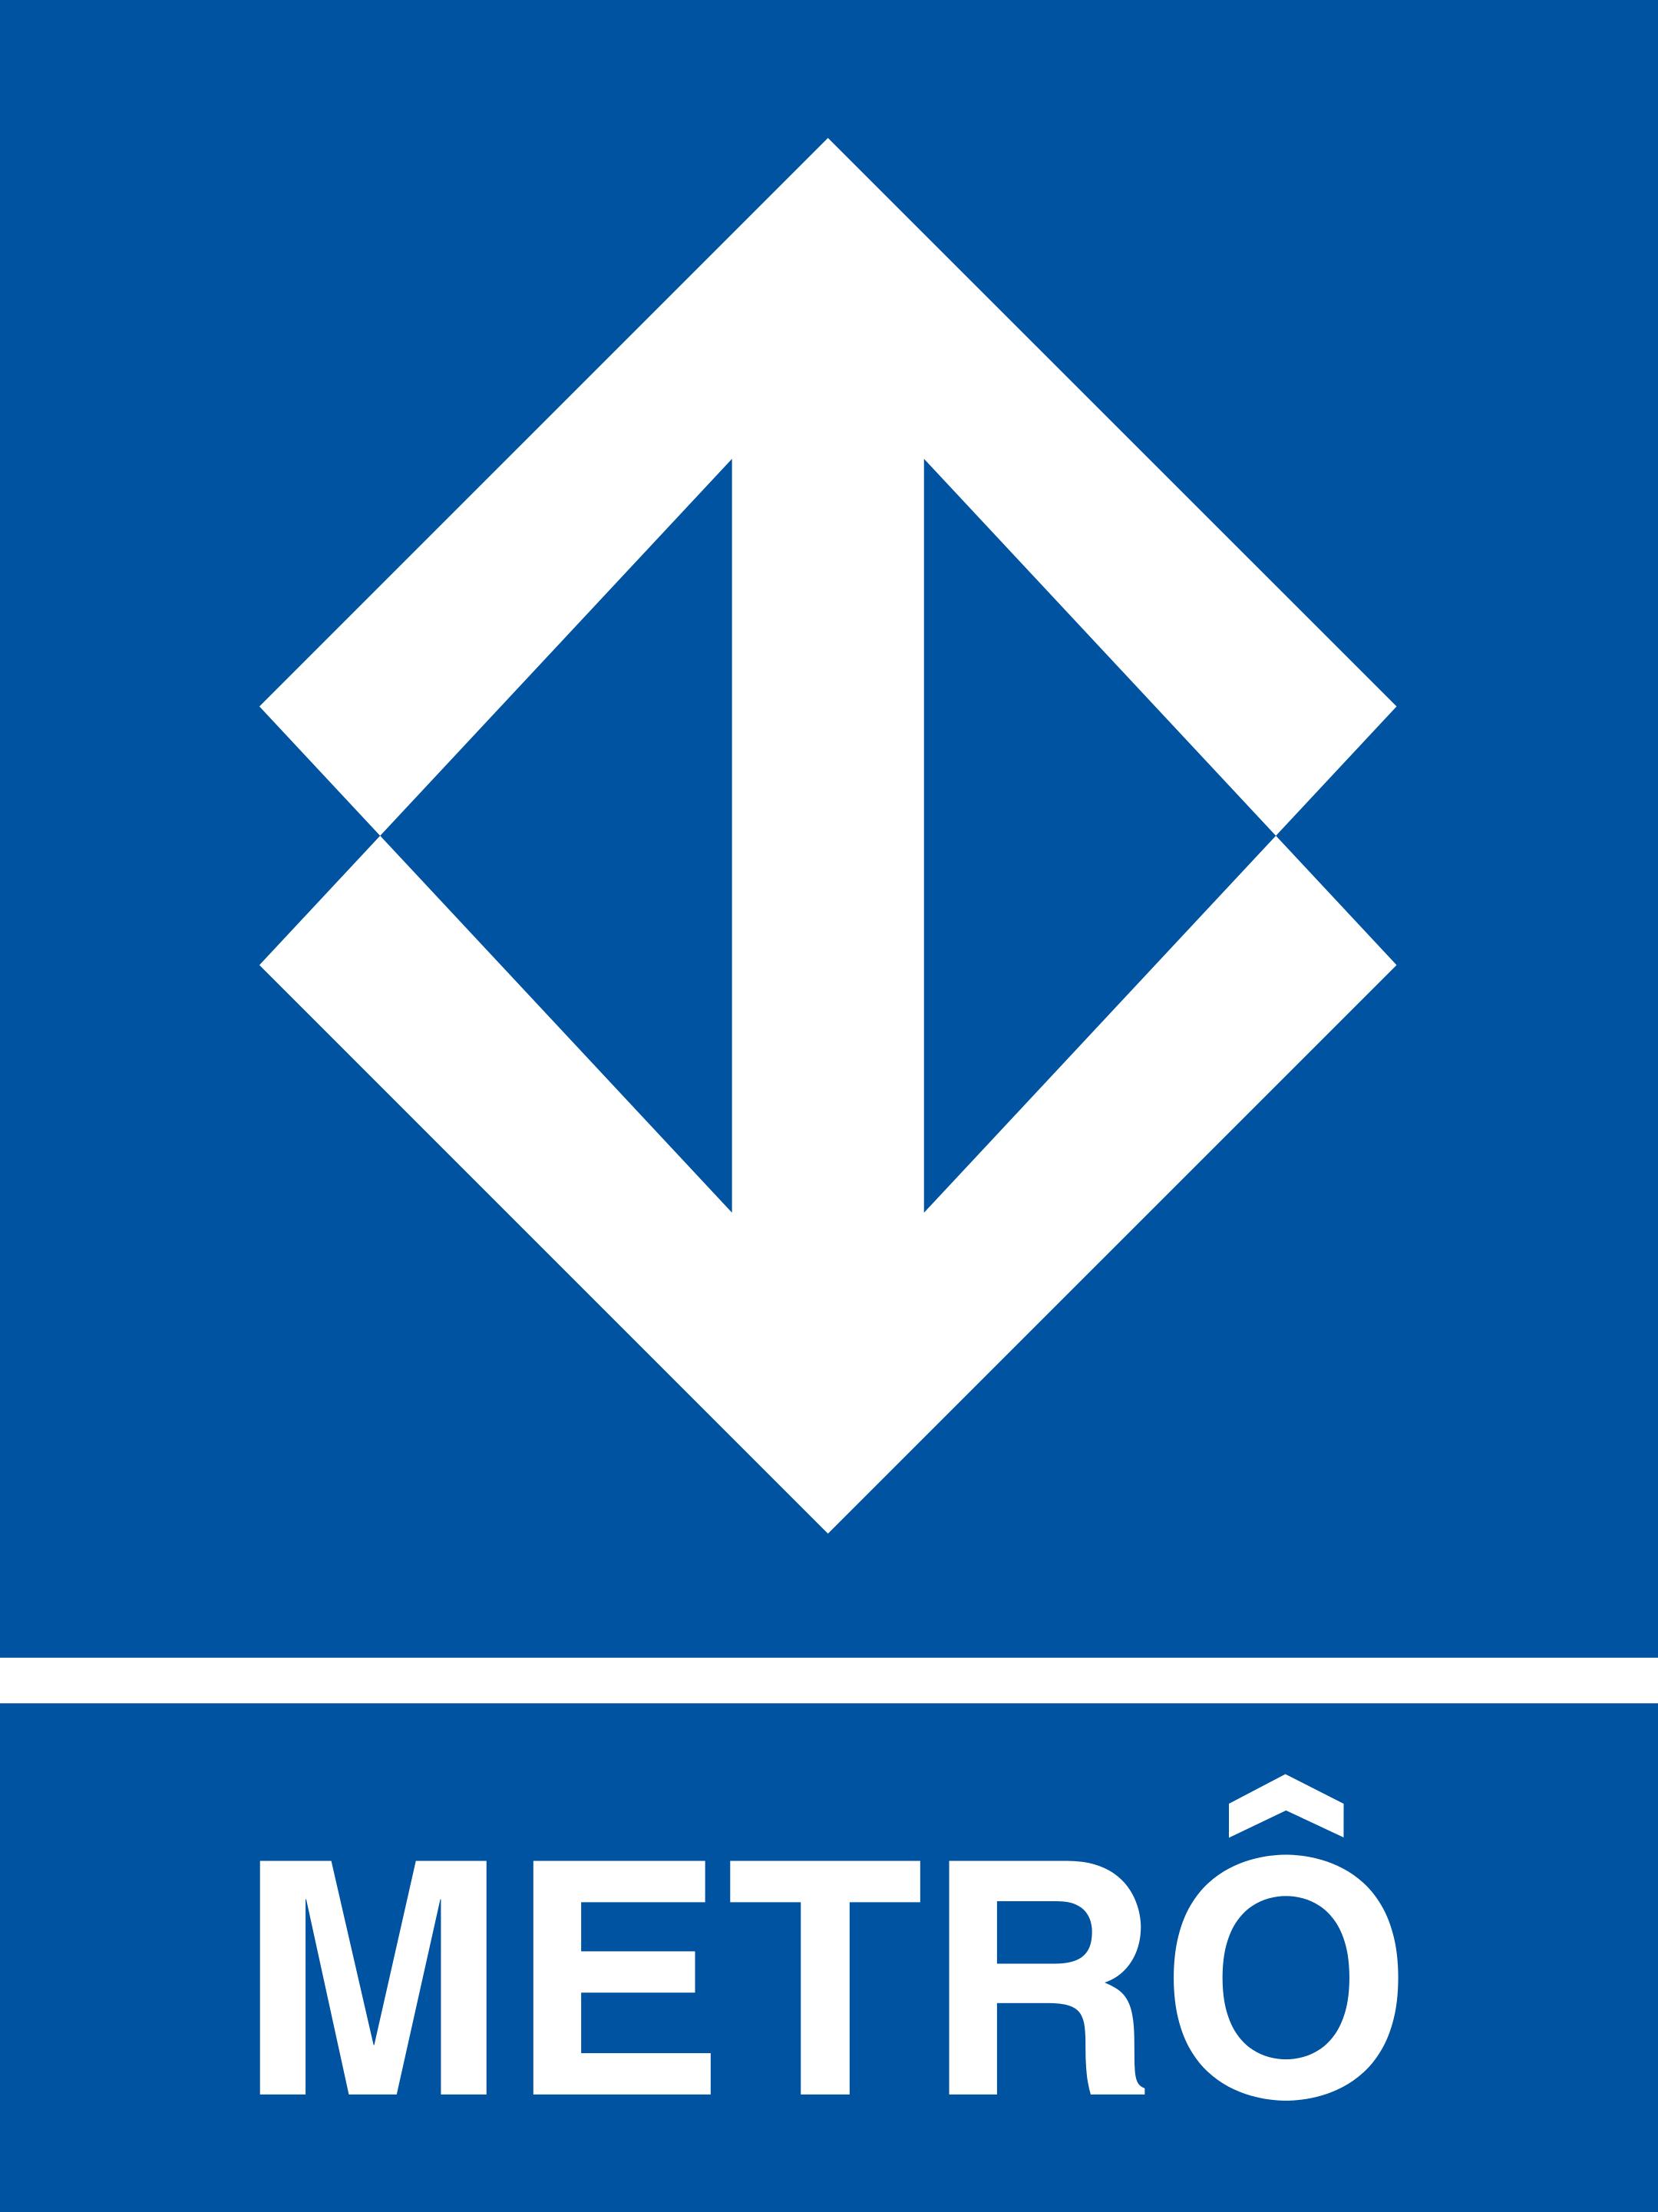 metro sp logo 3 - Metrô SP Logo